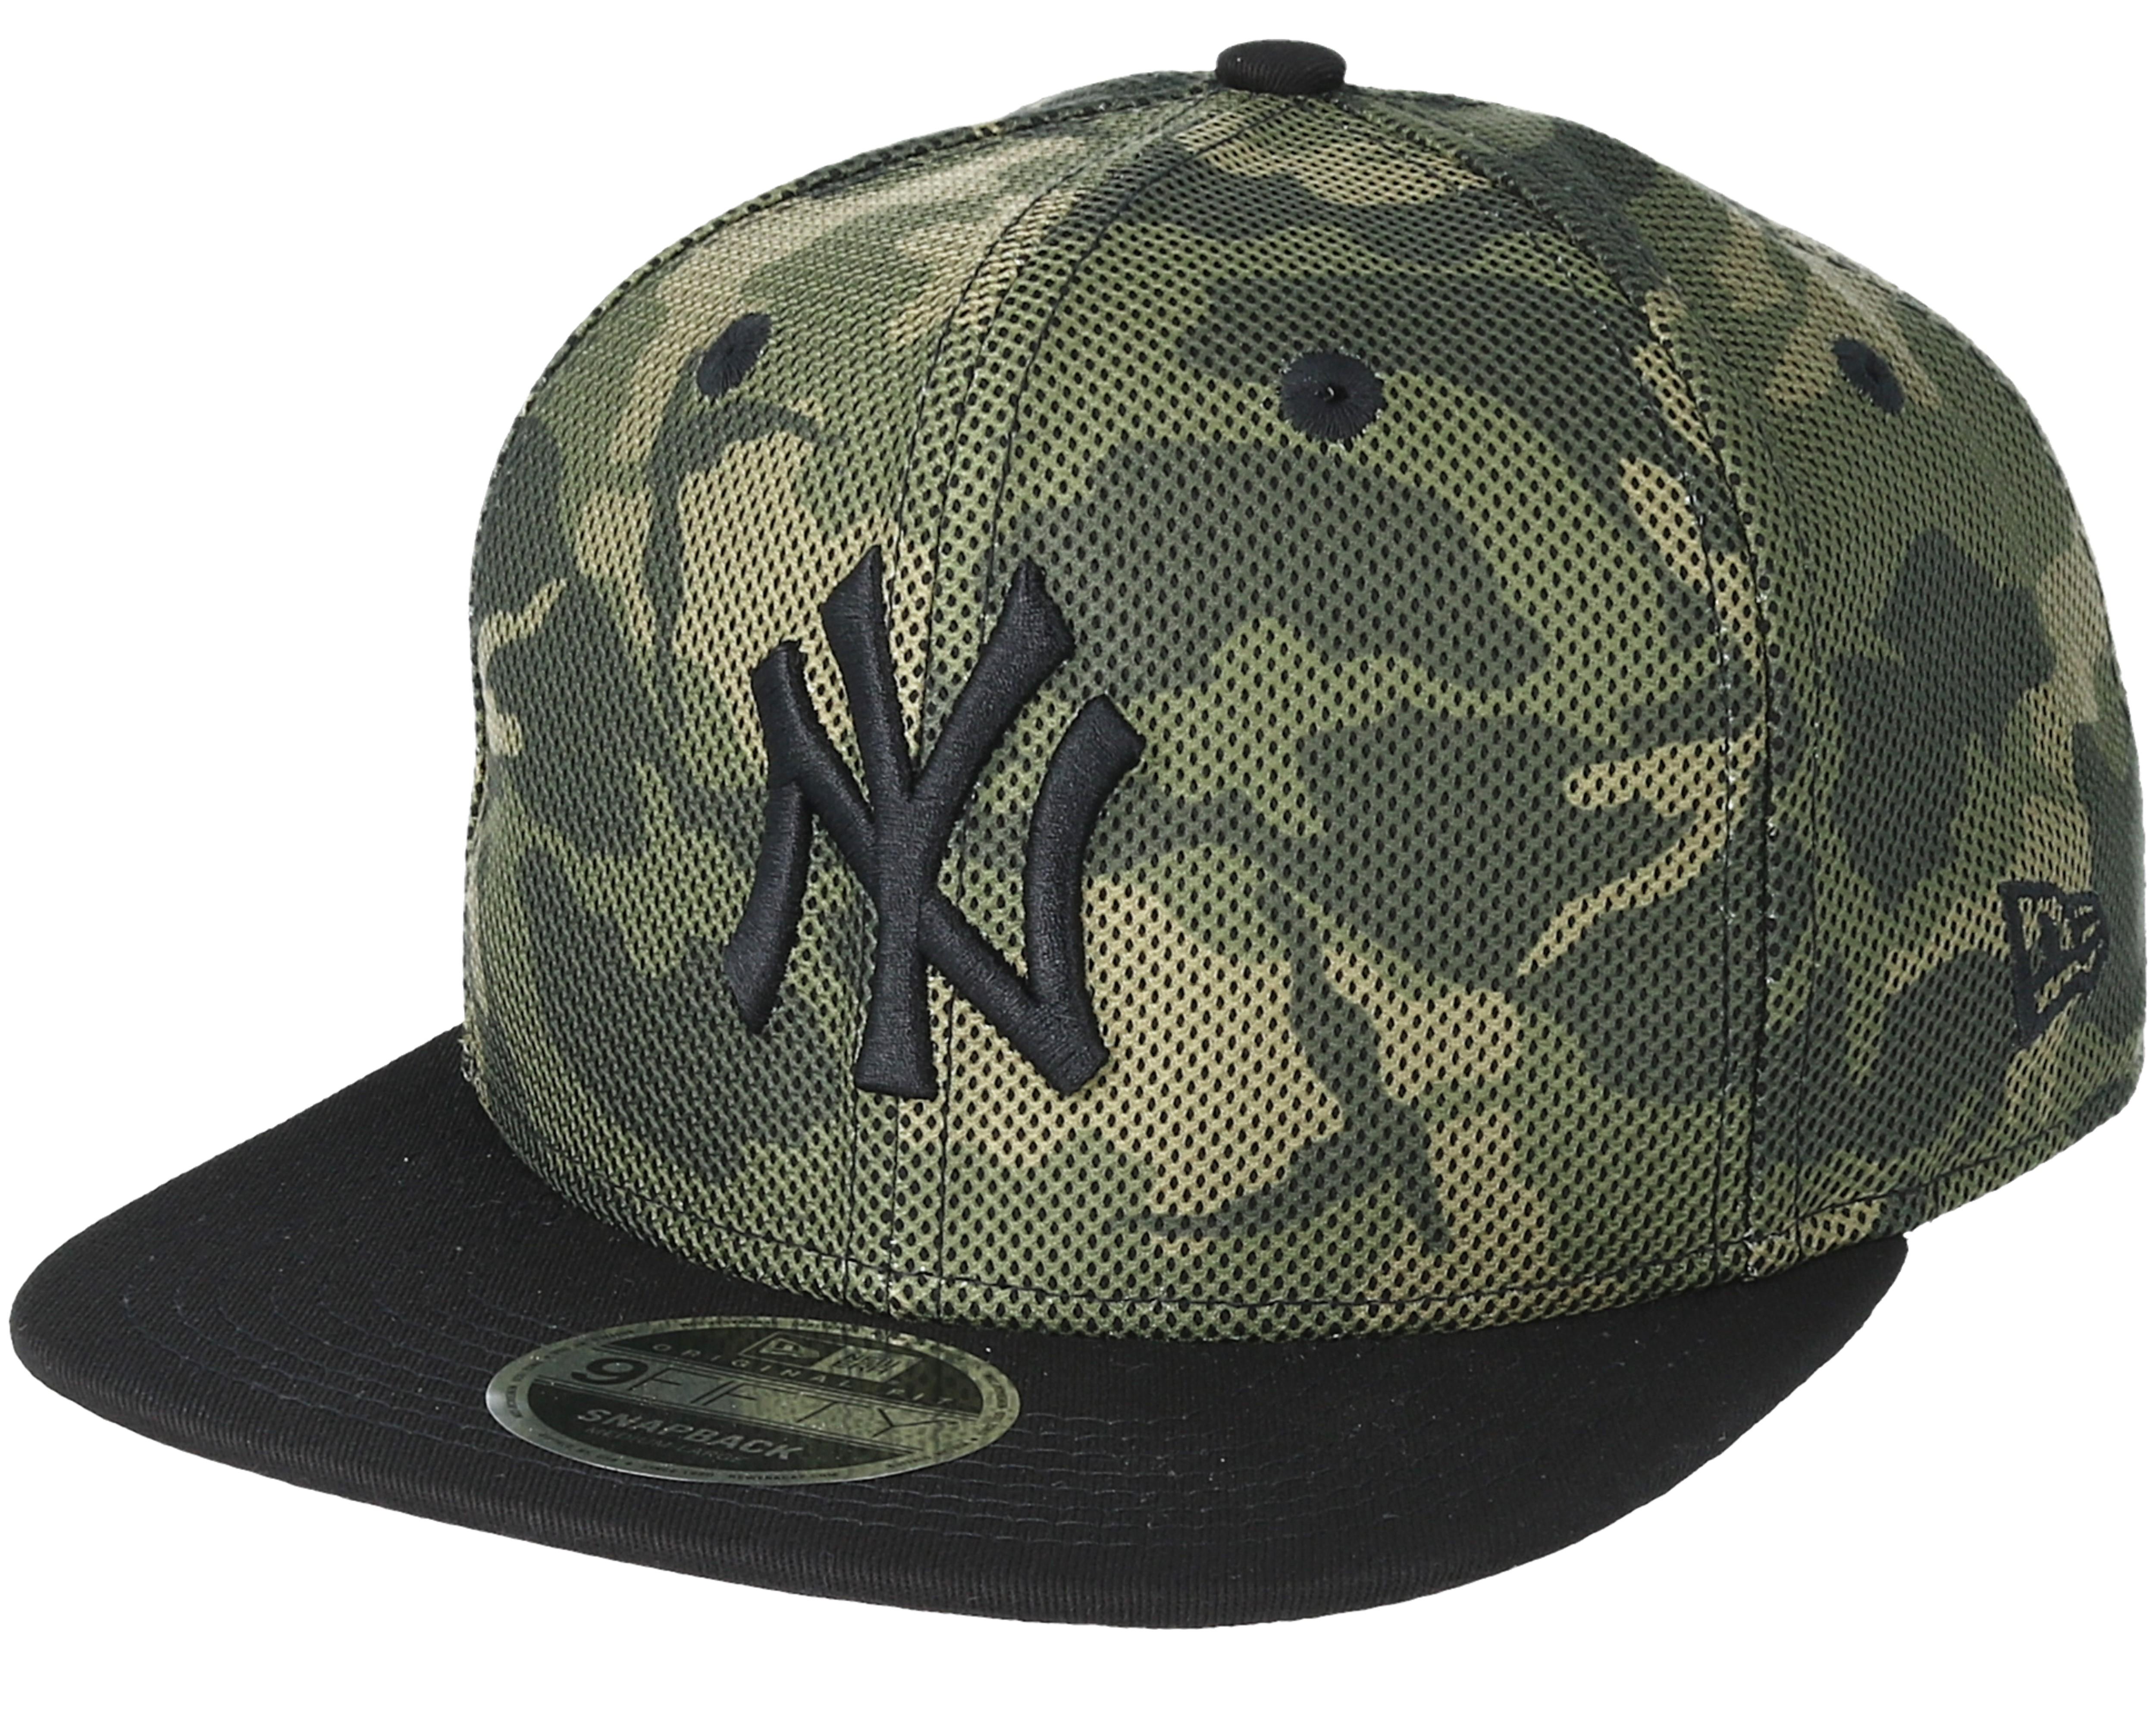 NY Yankees New Era 9 FIFTY mesh overlay NEYYAN Black on Black Baseball Cap